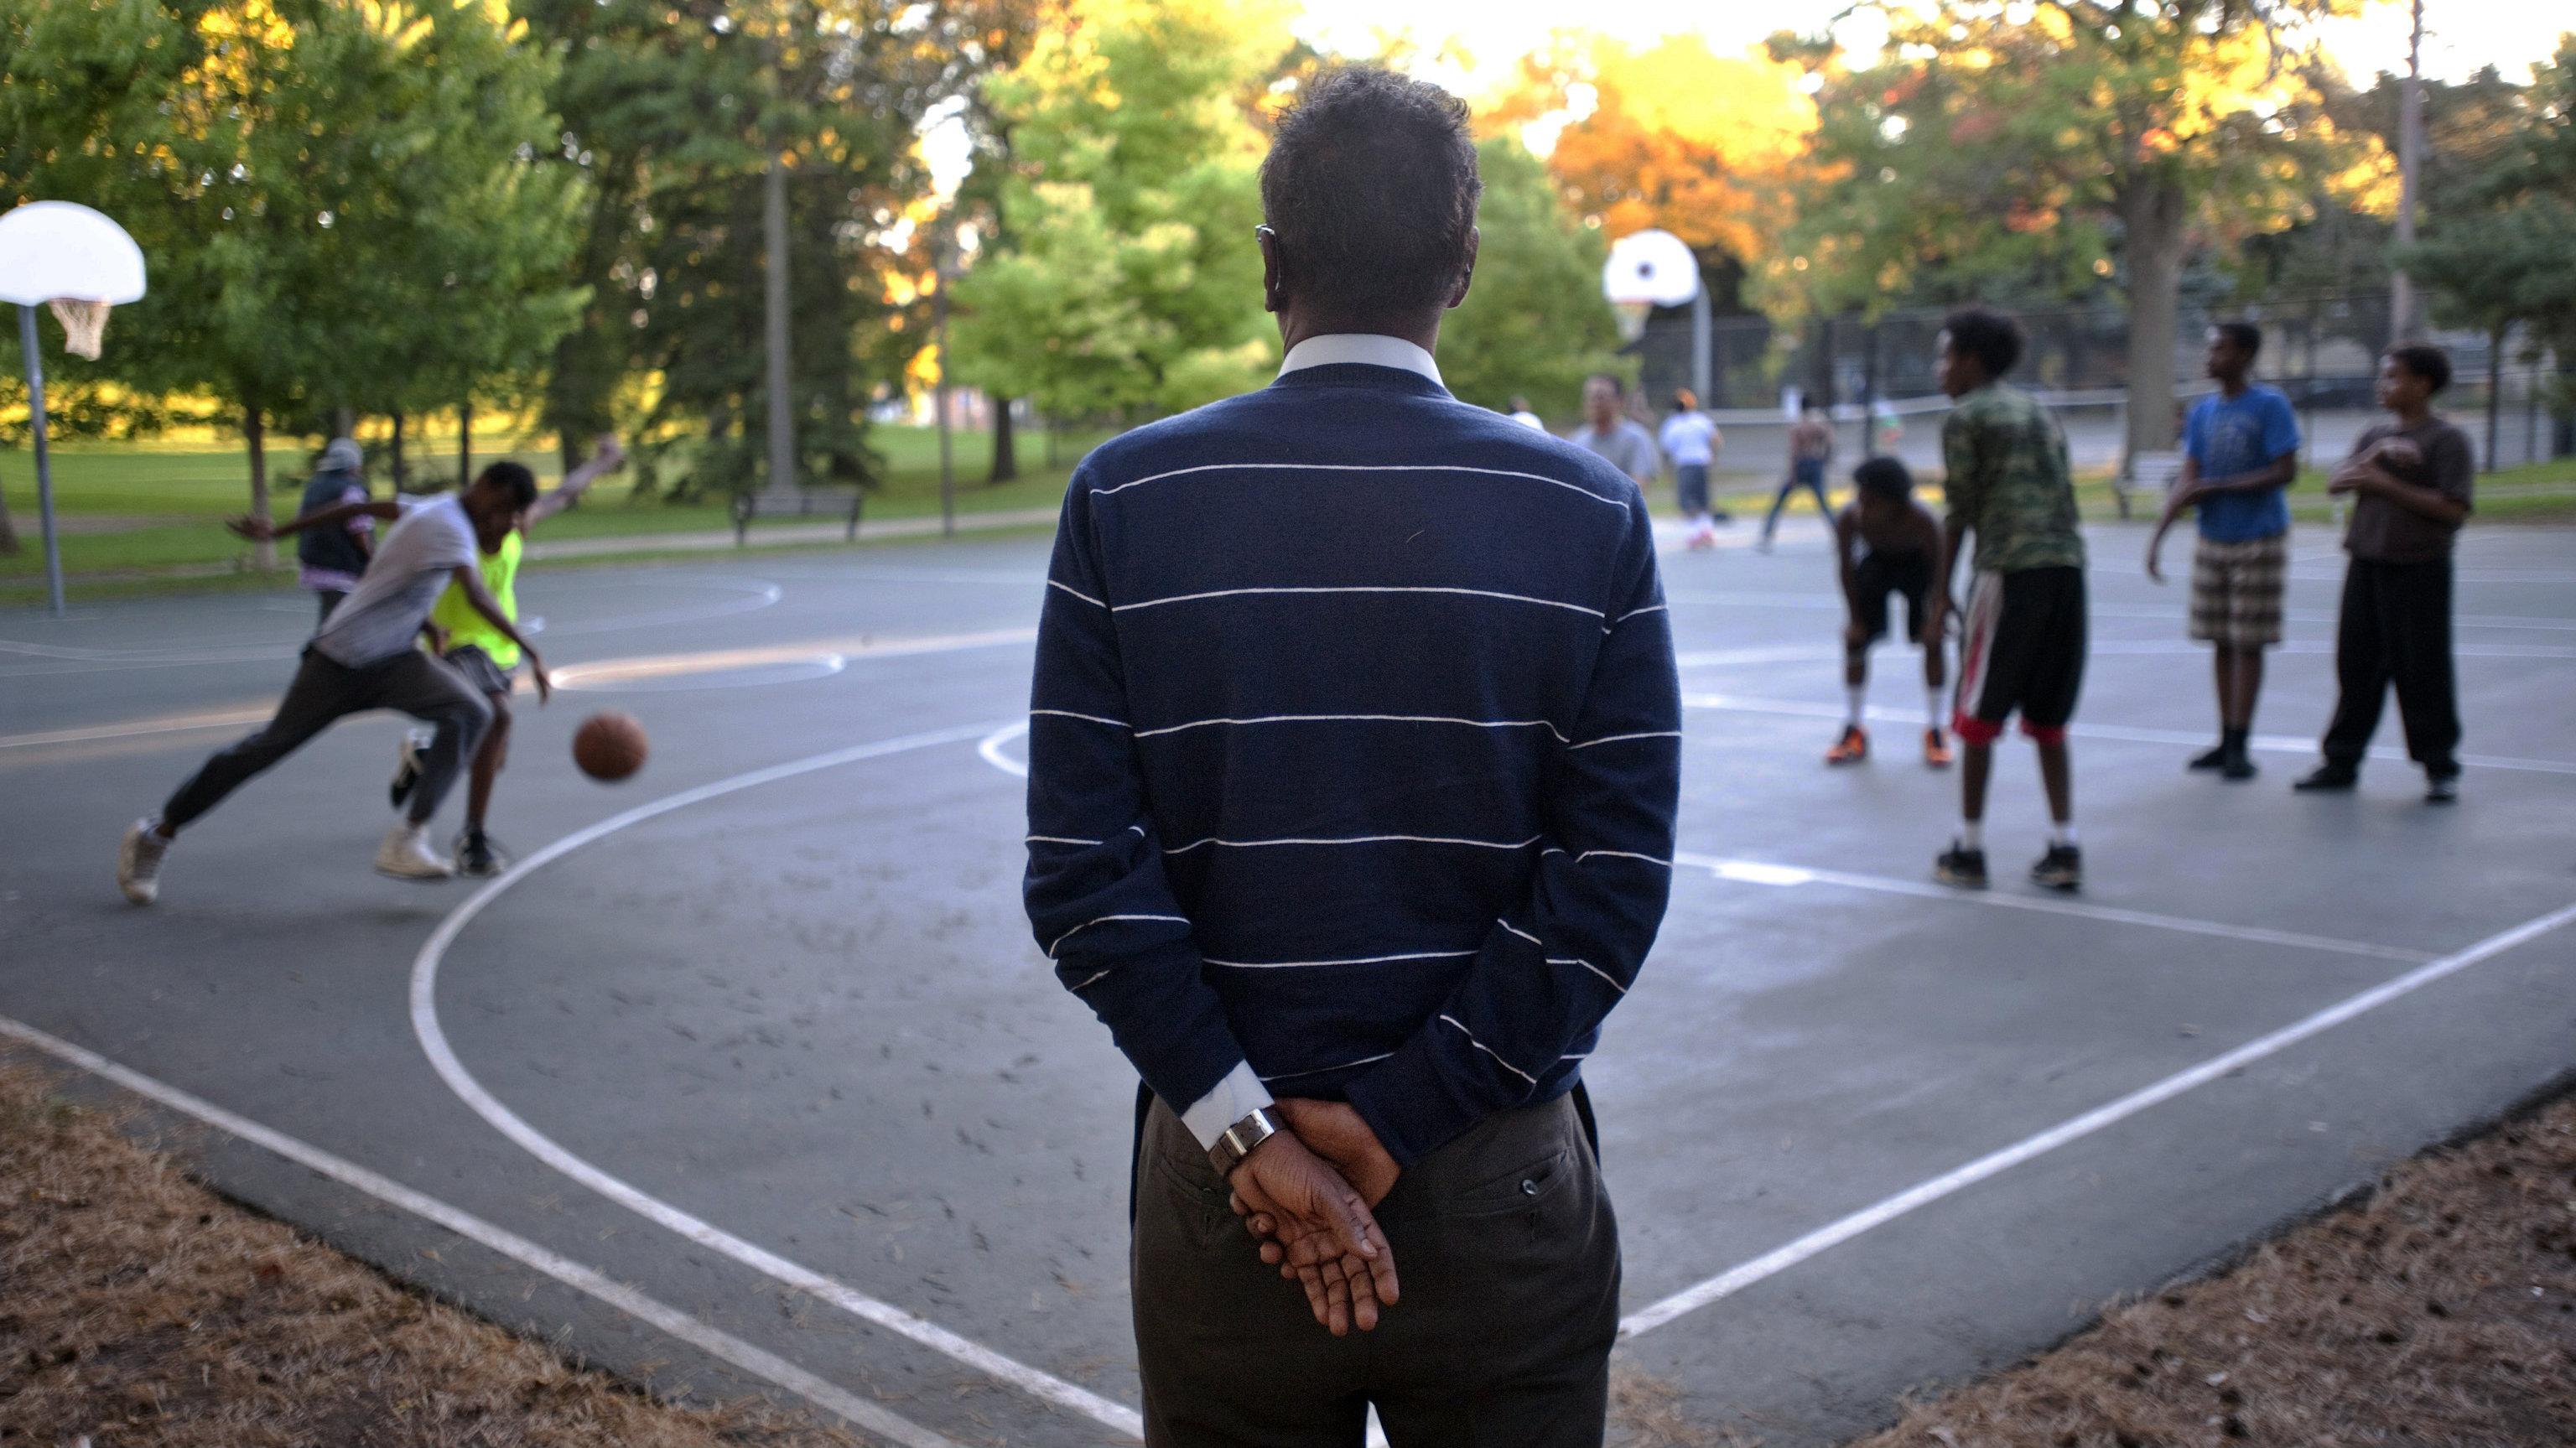 somalian boys playing basketball